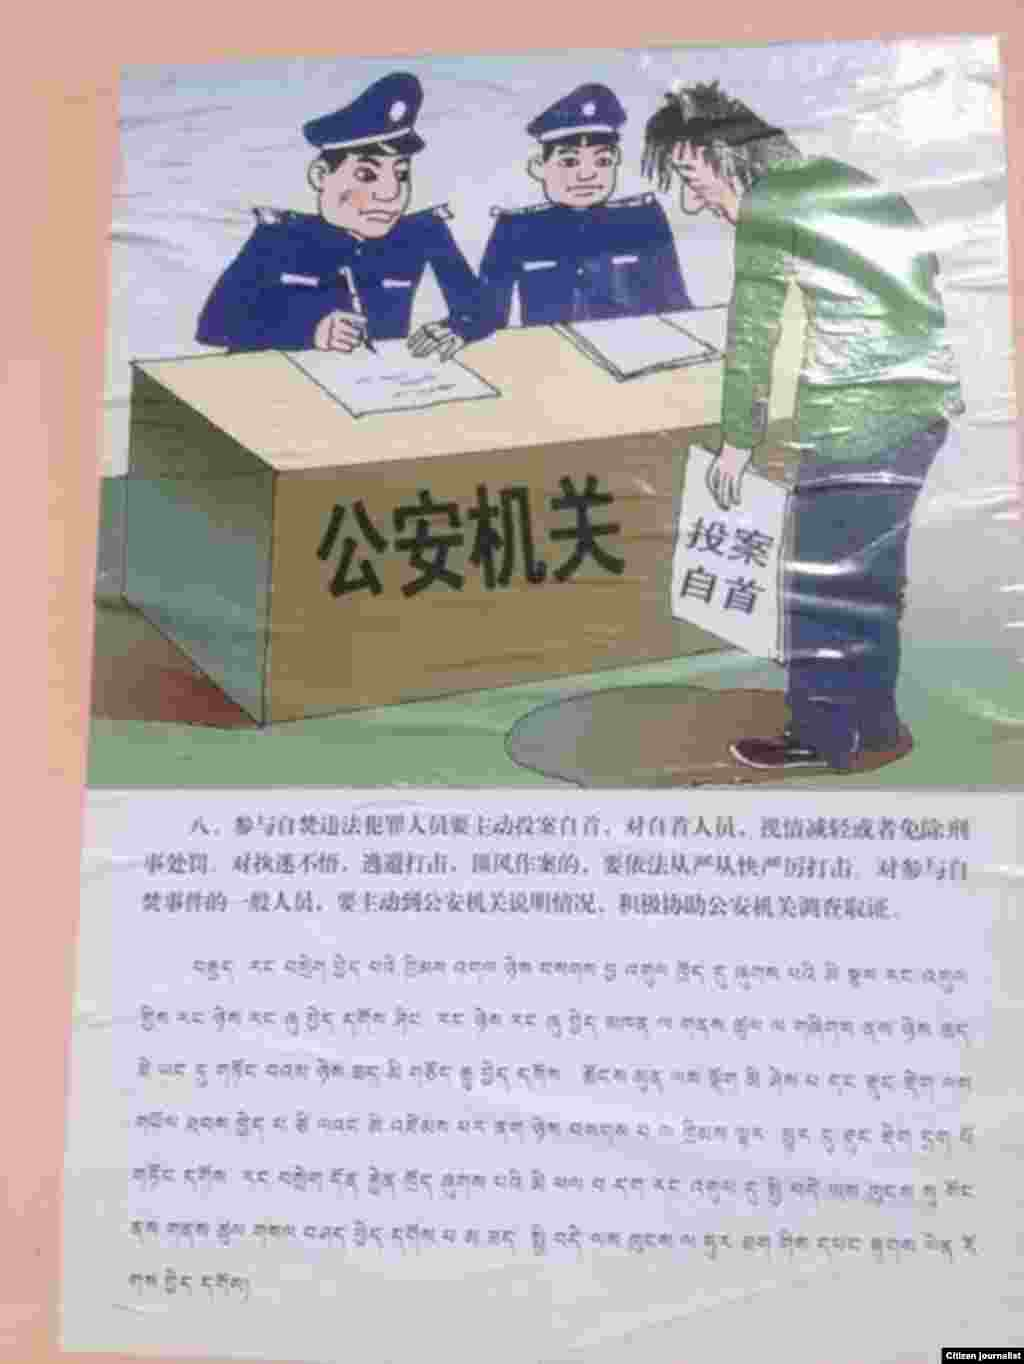 官方宣传画用汉藏两种文字警告参与自焚者自首,否则将从严处罚。